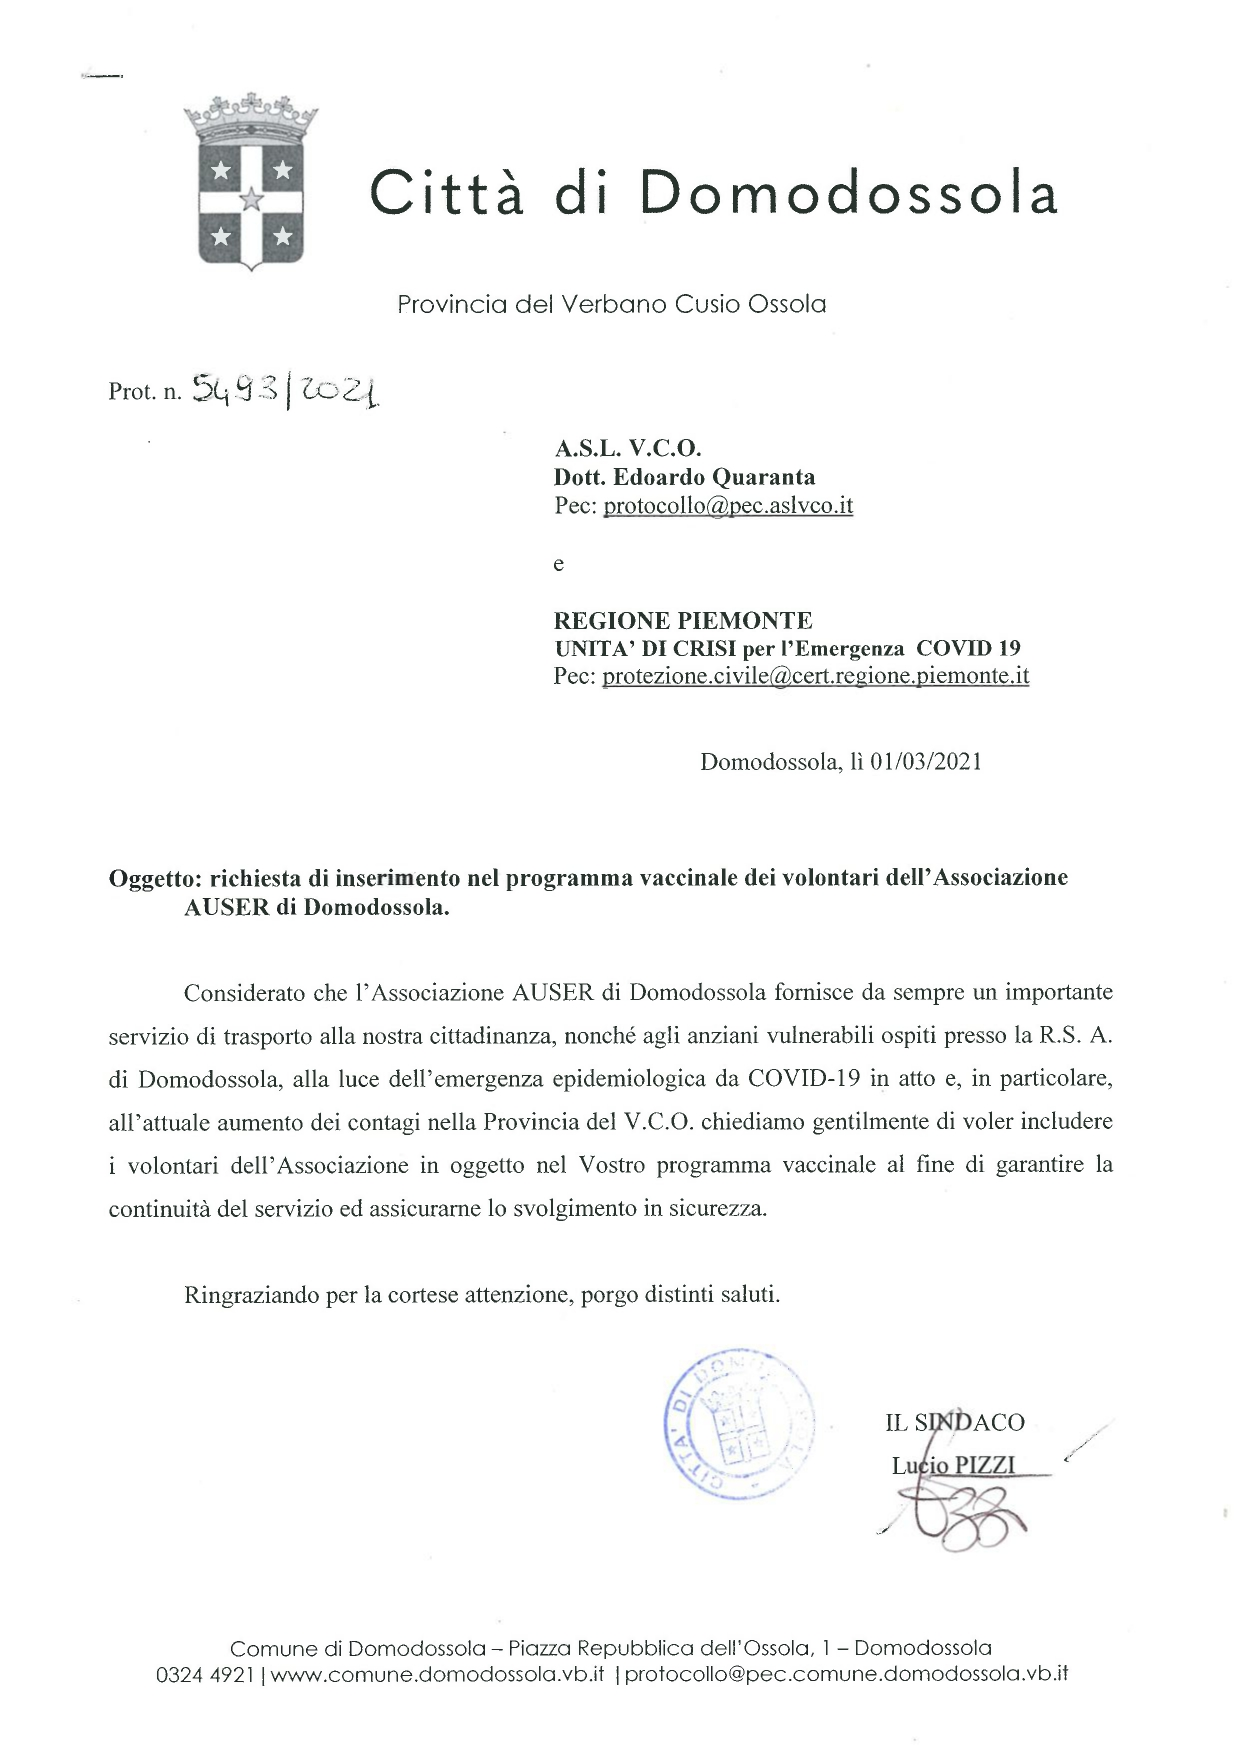 Lettera sindaco Pizzi per vaccino volontari (1)_page-0001